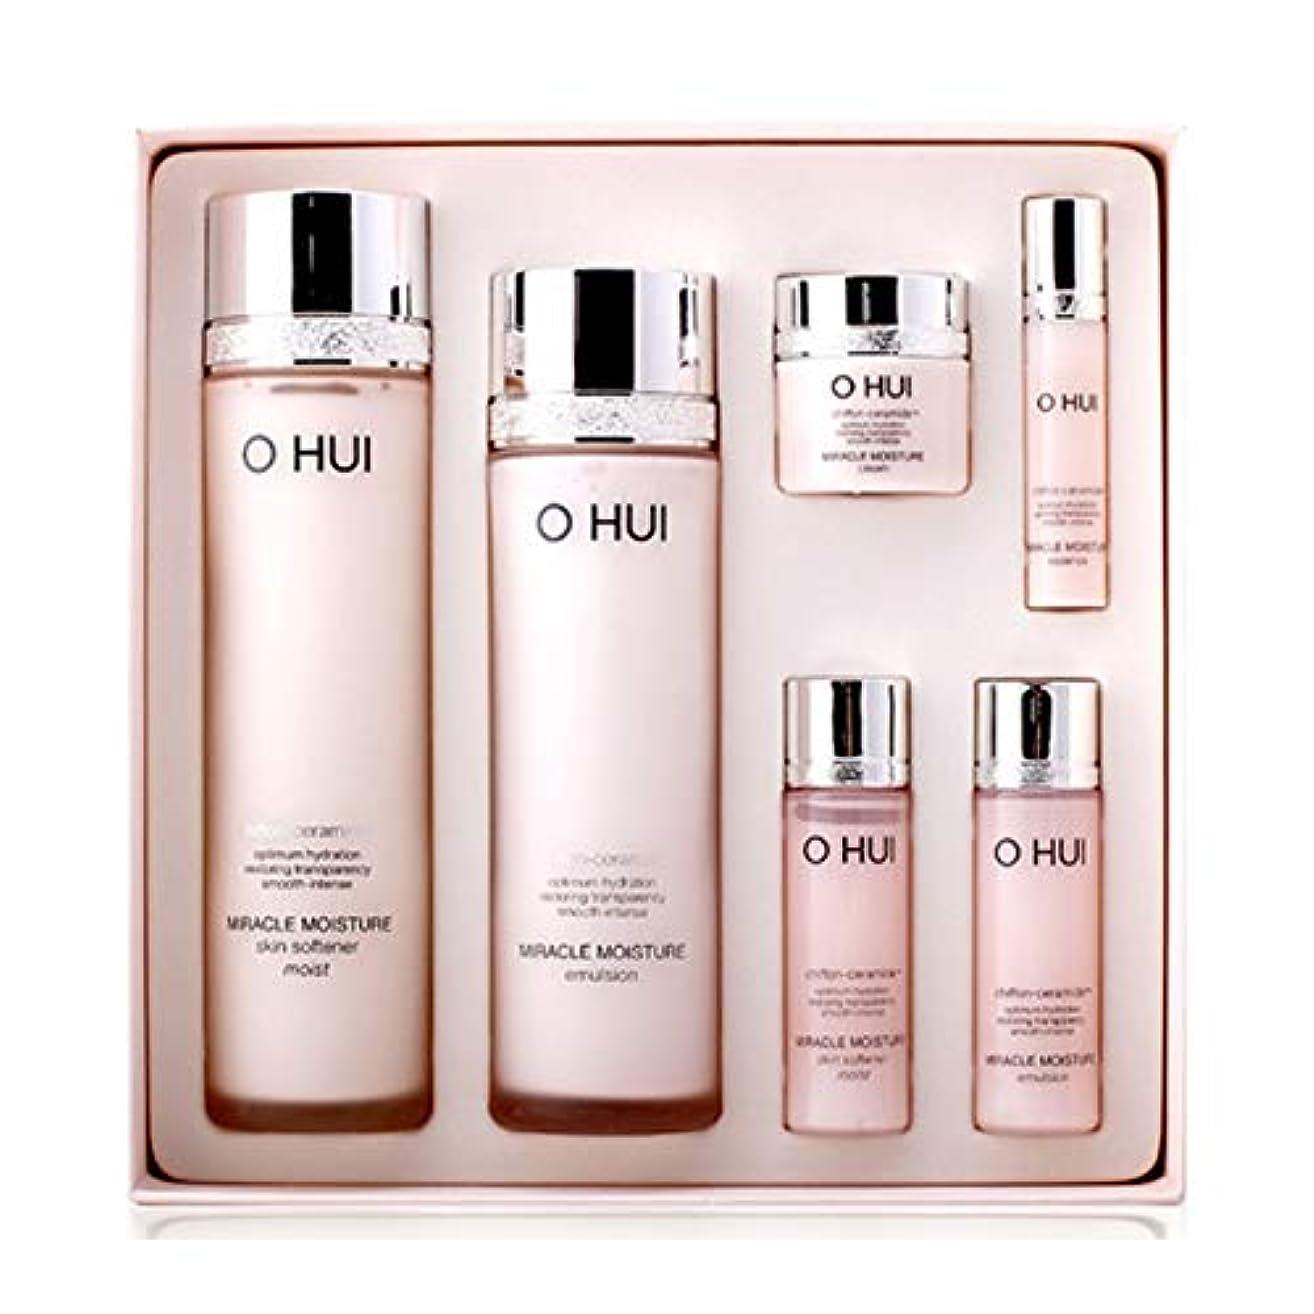 オフィミラクルモイスチャースキンソフナーエマルジョンセット韓国コスメ、O Hui Miracle Moisture Skin Softener Emulsion Set Korean Cosmetics [並行輸入品]